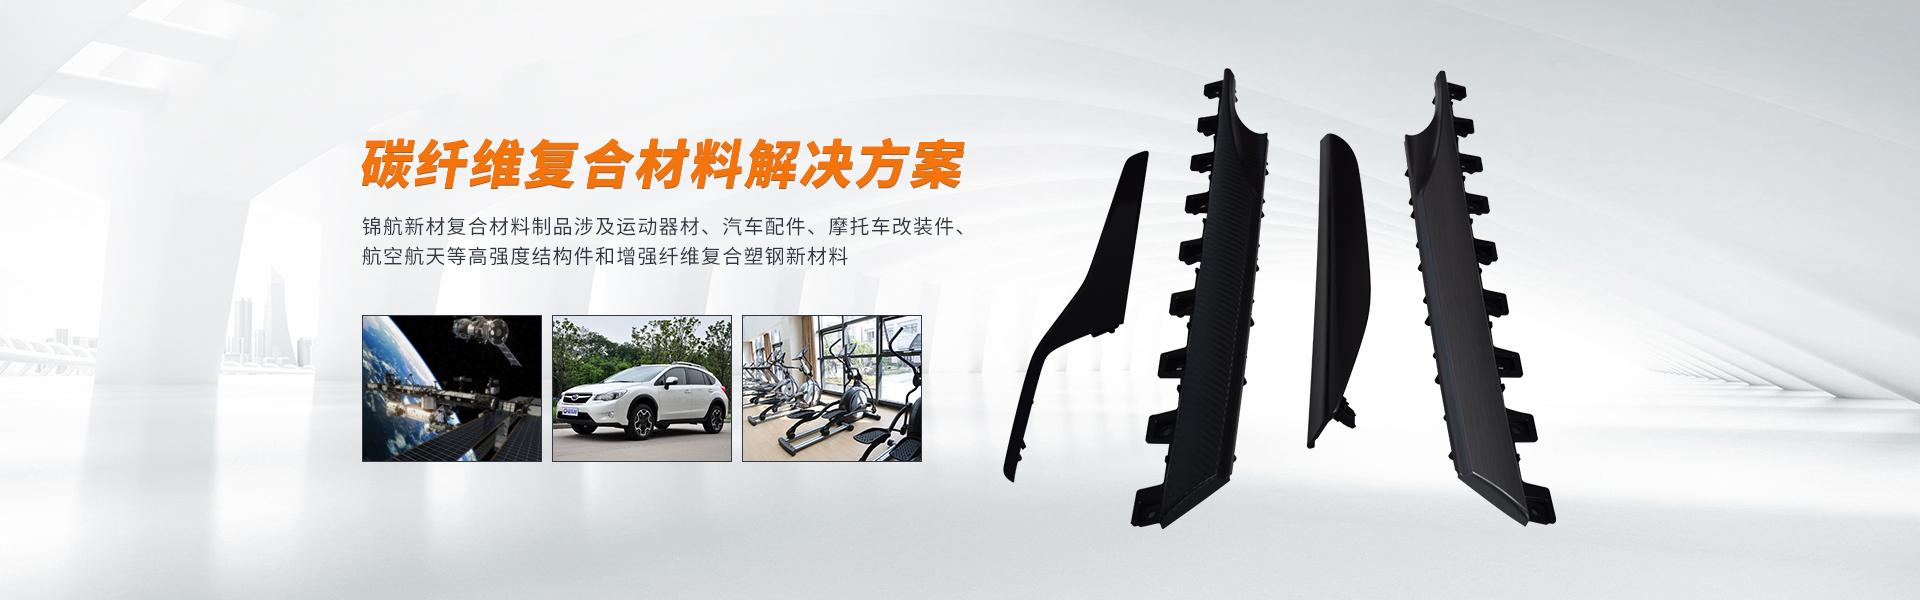 碳纤维材料产品